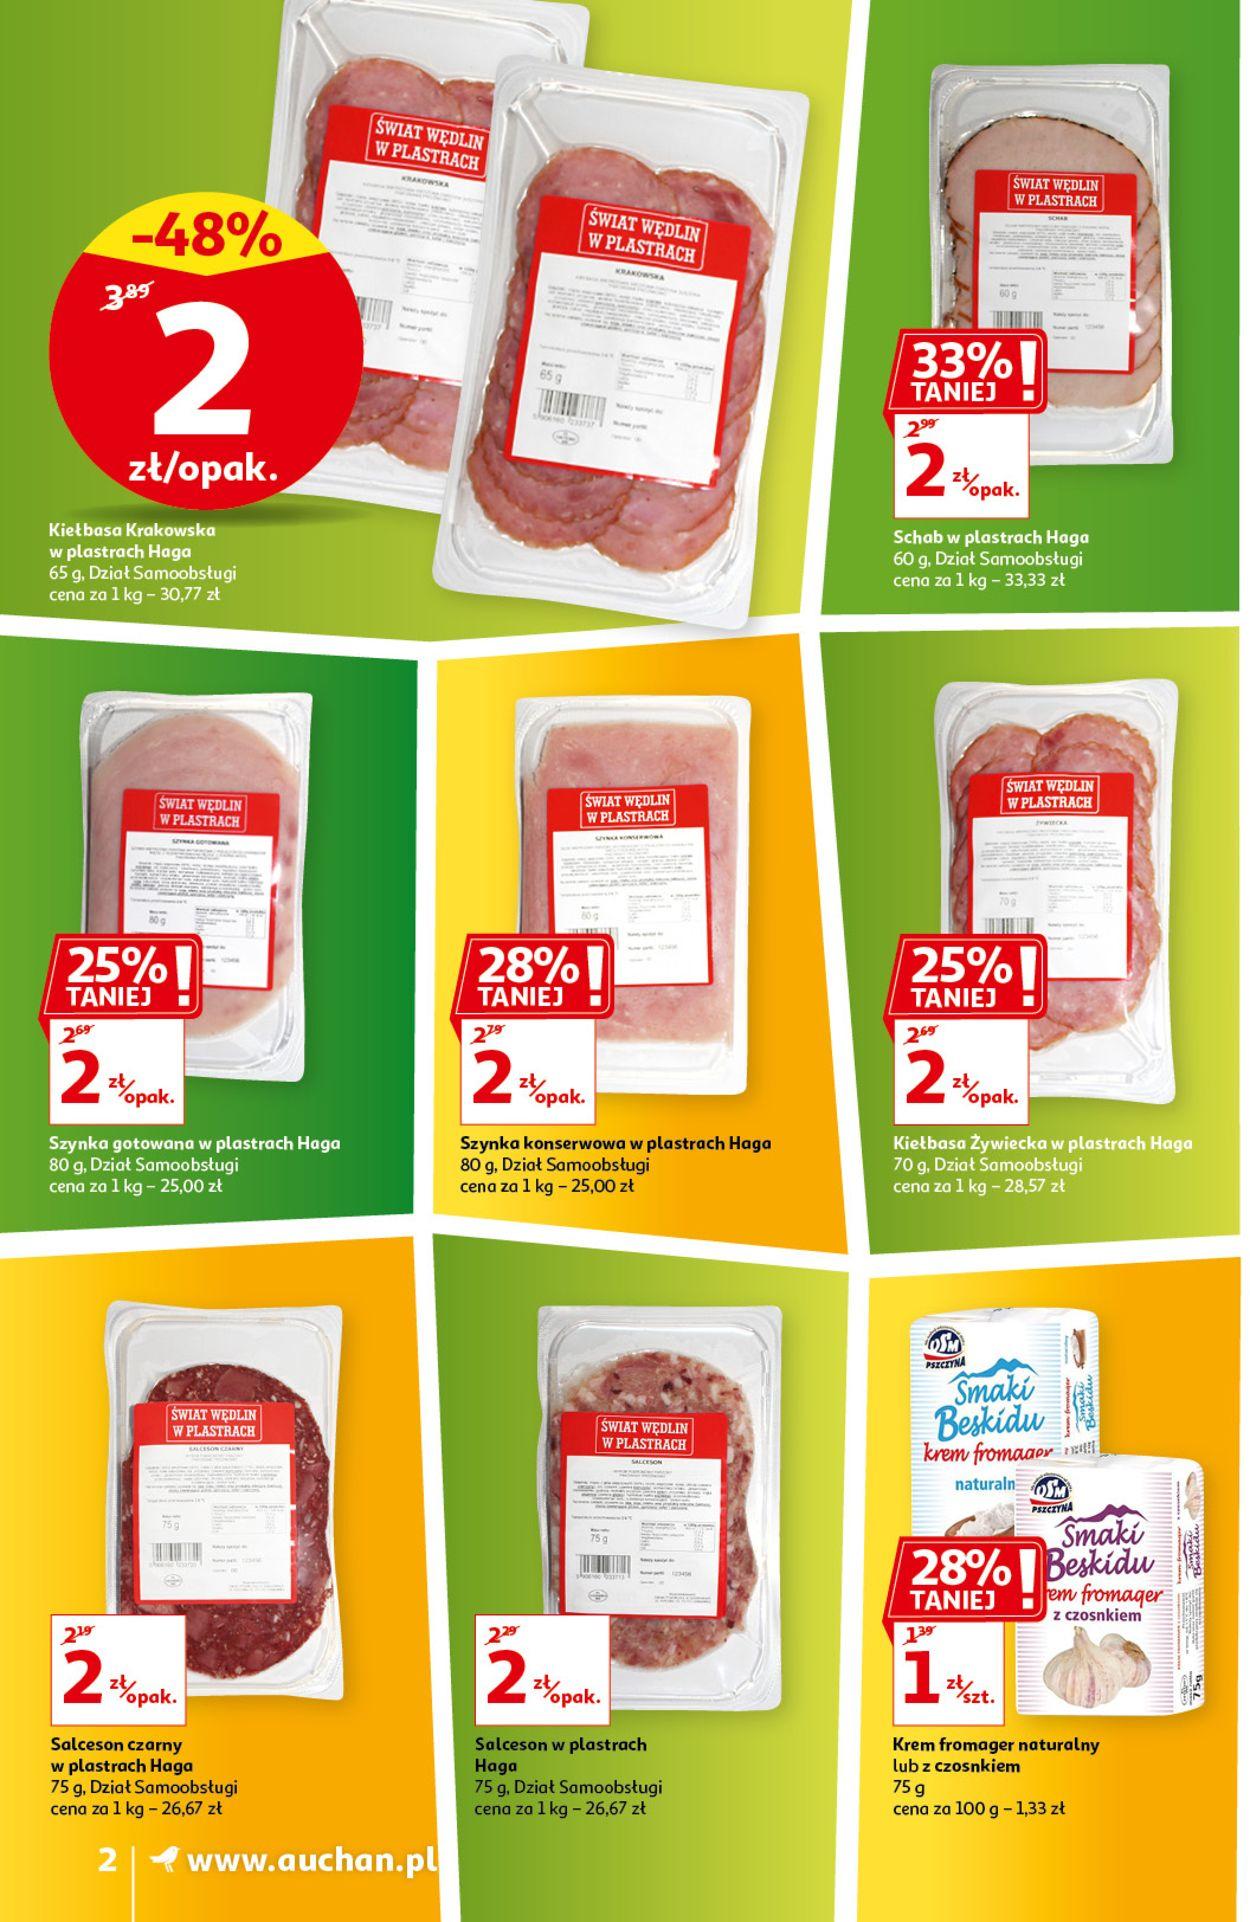 Gazetka promocyjna Auchan - 08.04-14.04.2021 (Strona 2)